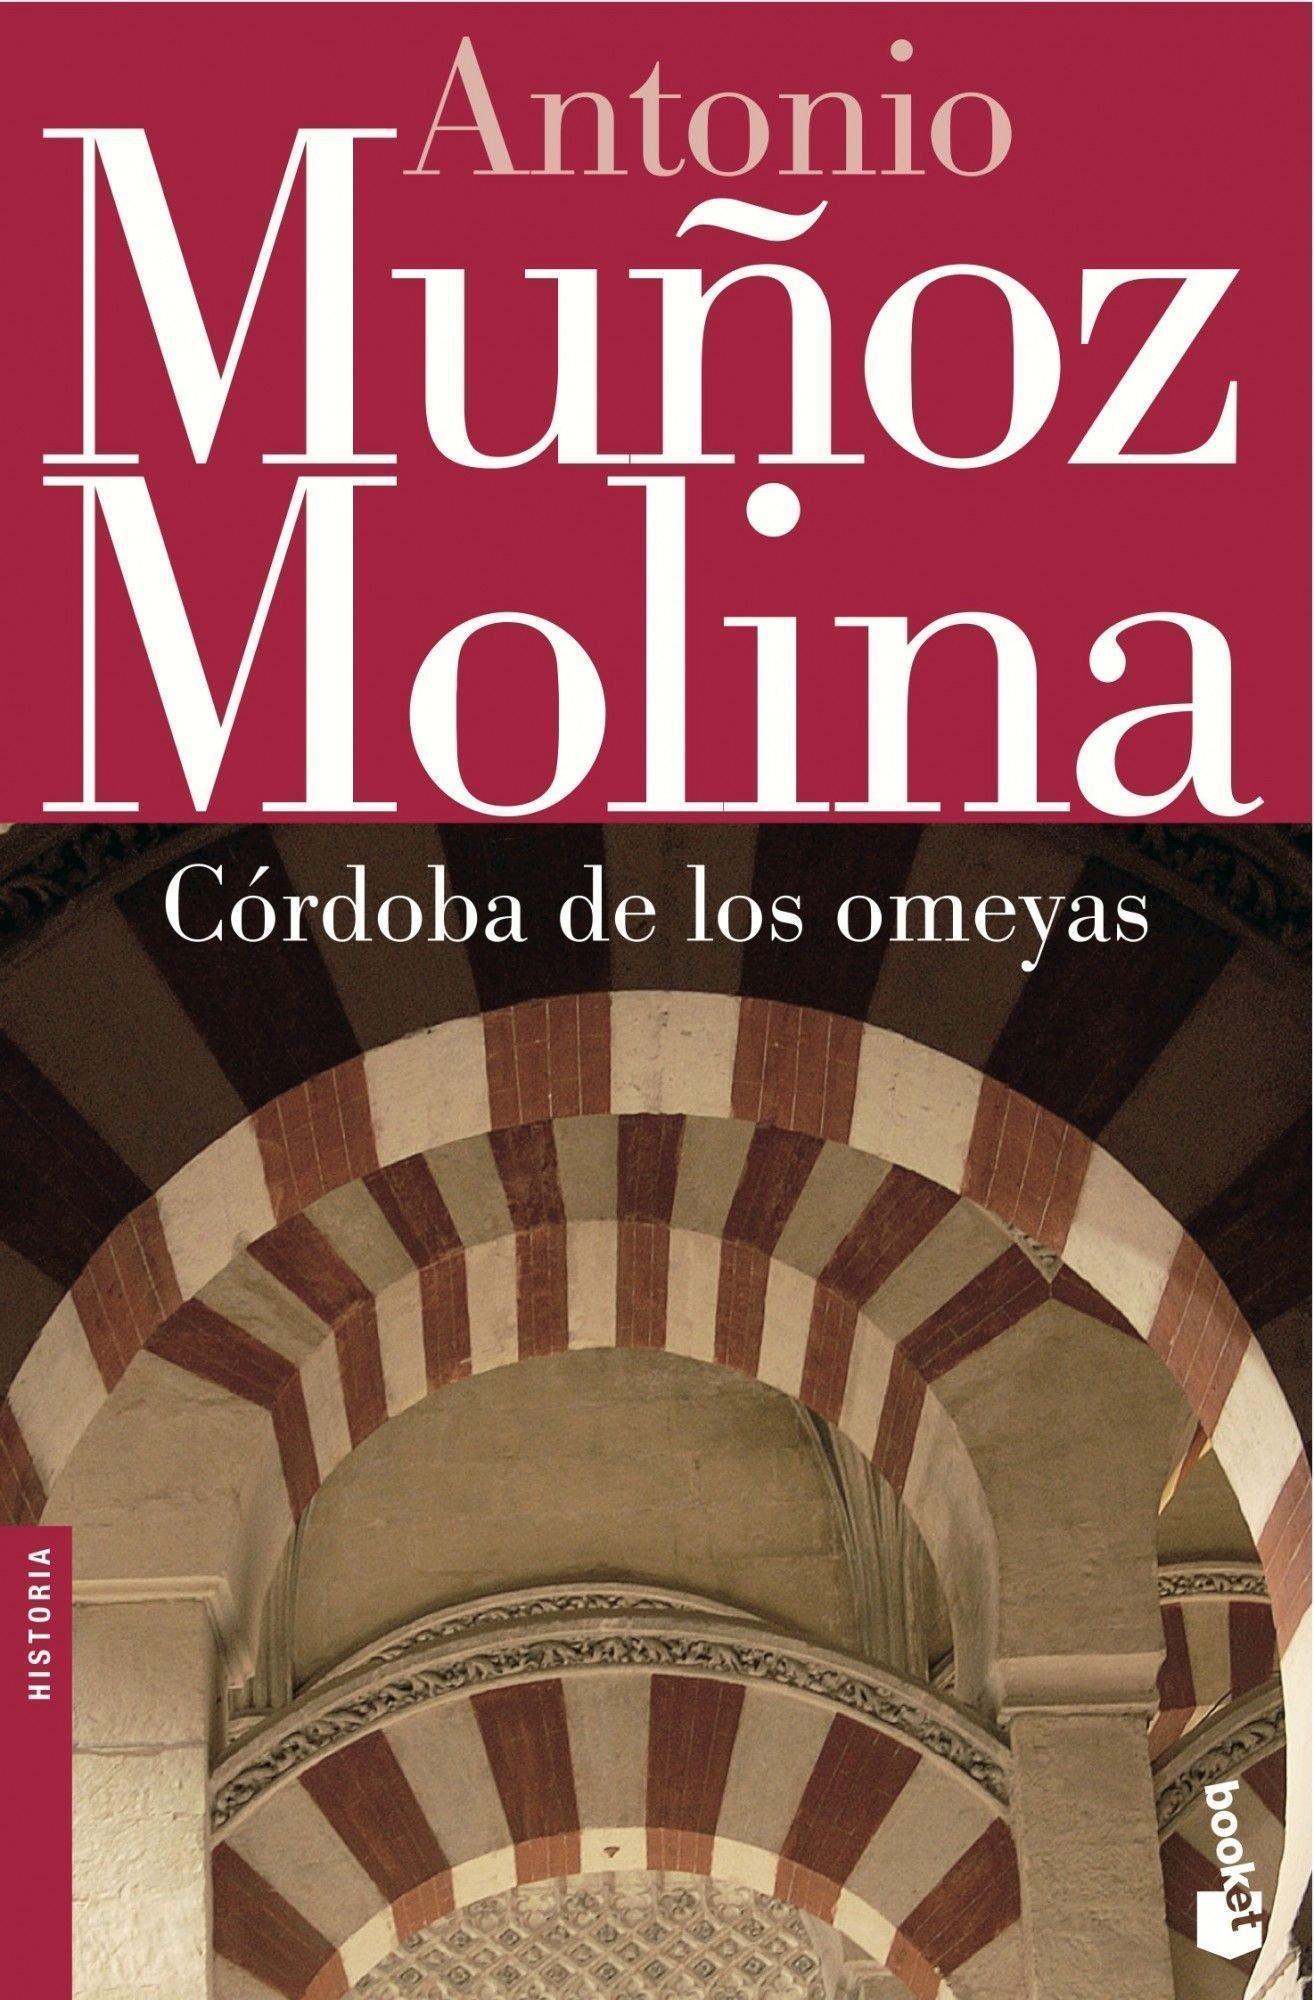 Córdoba de los omeyas Biblioteca Antonio Muñoz Molina: Amazon.es: Muñoz Molina, Antonio: Libros